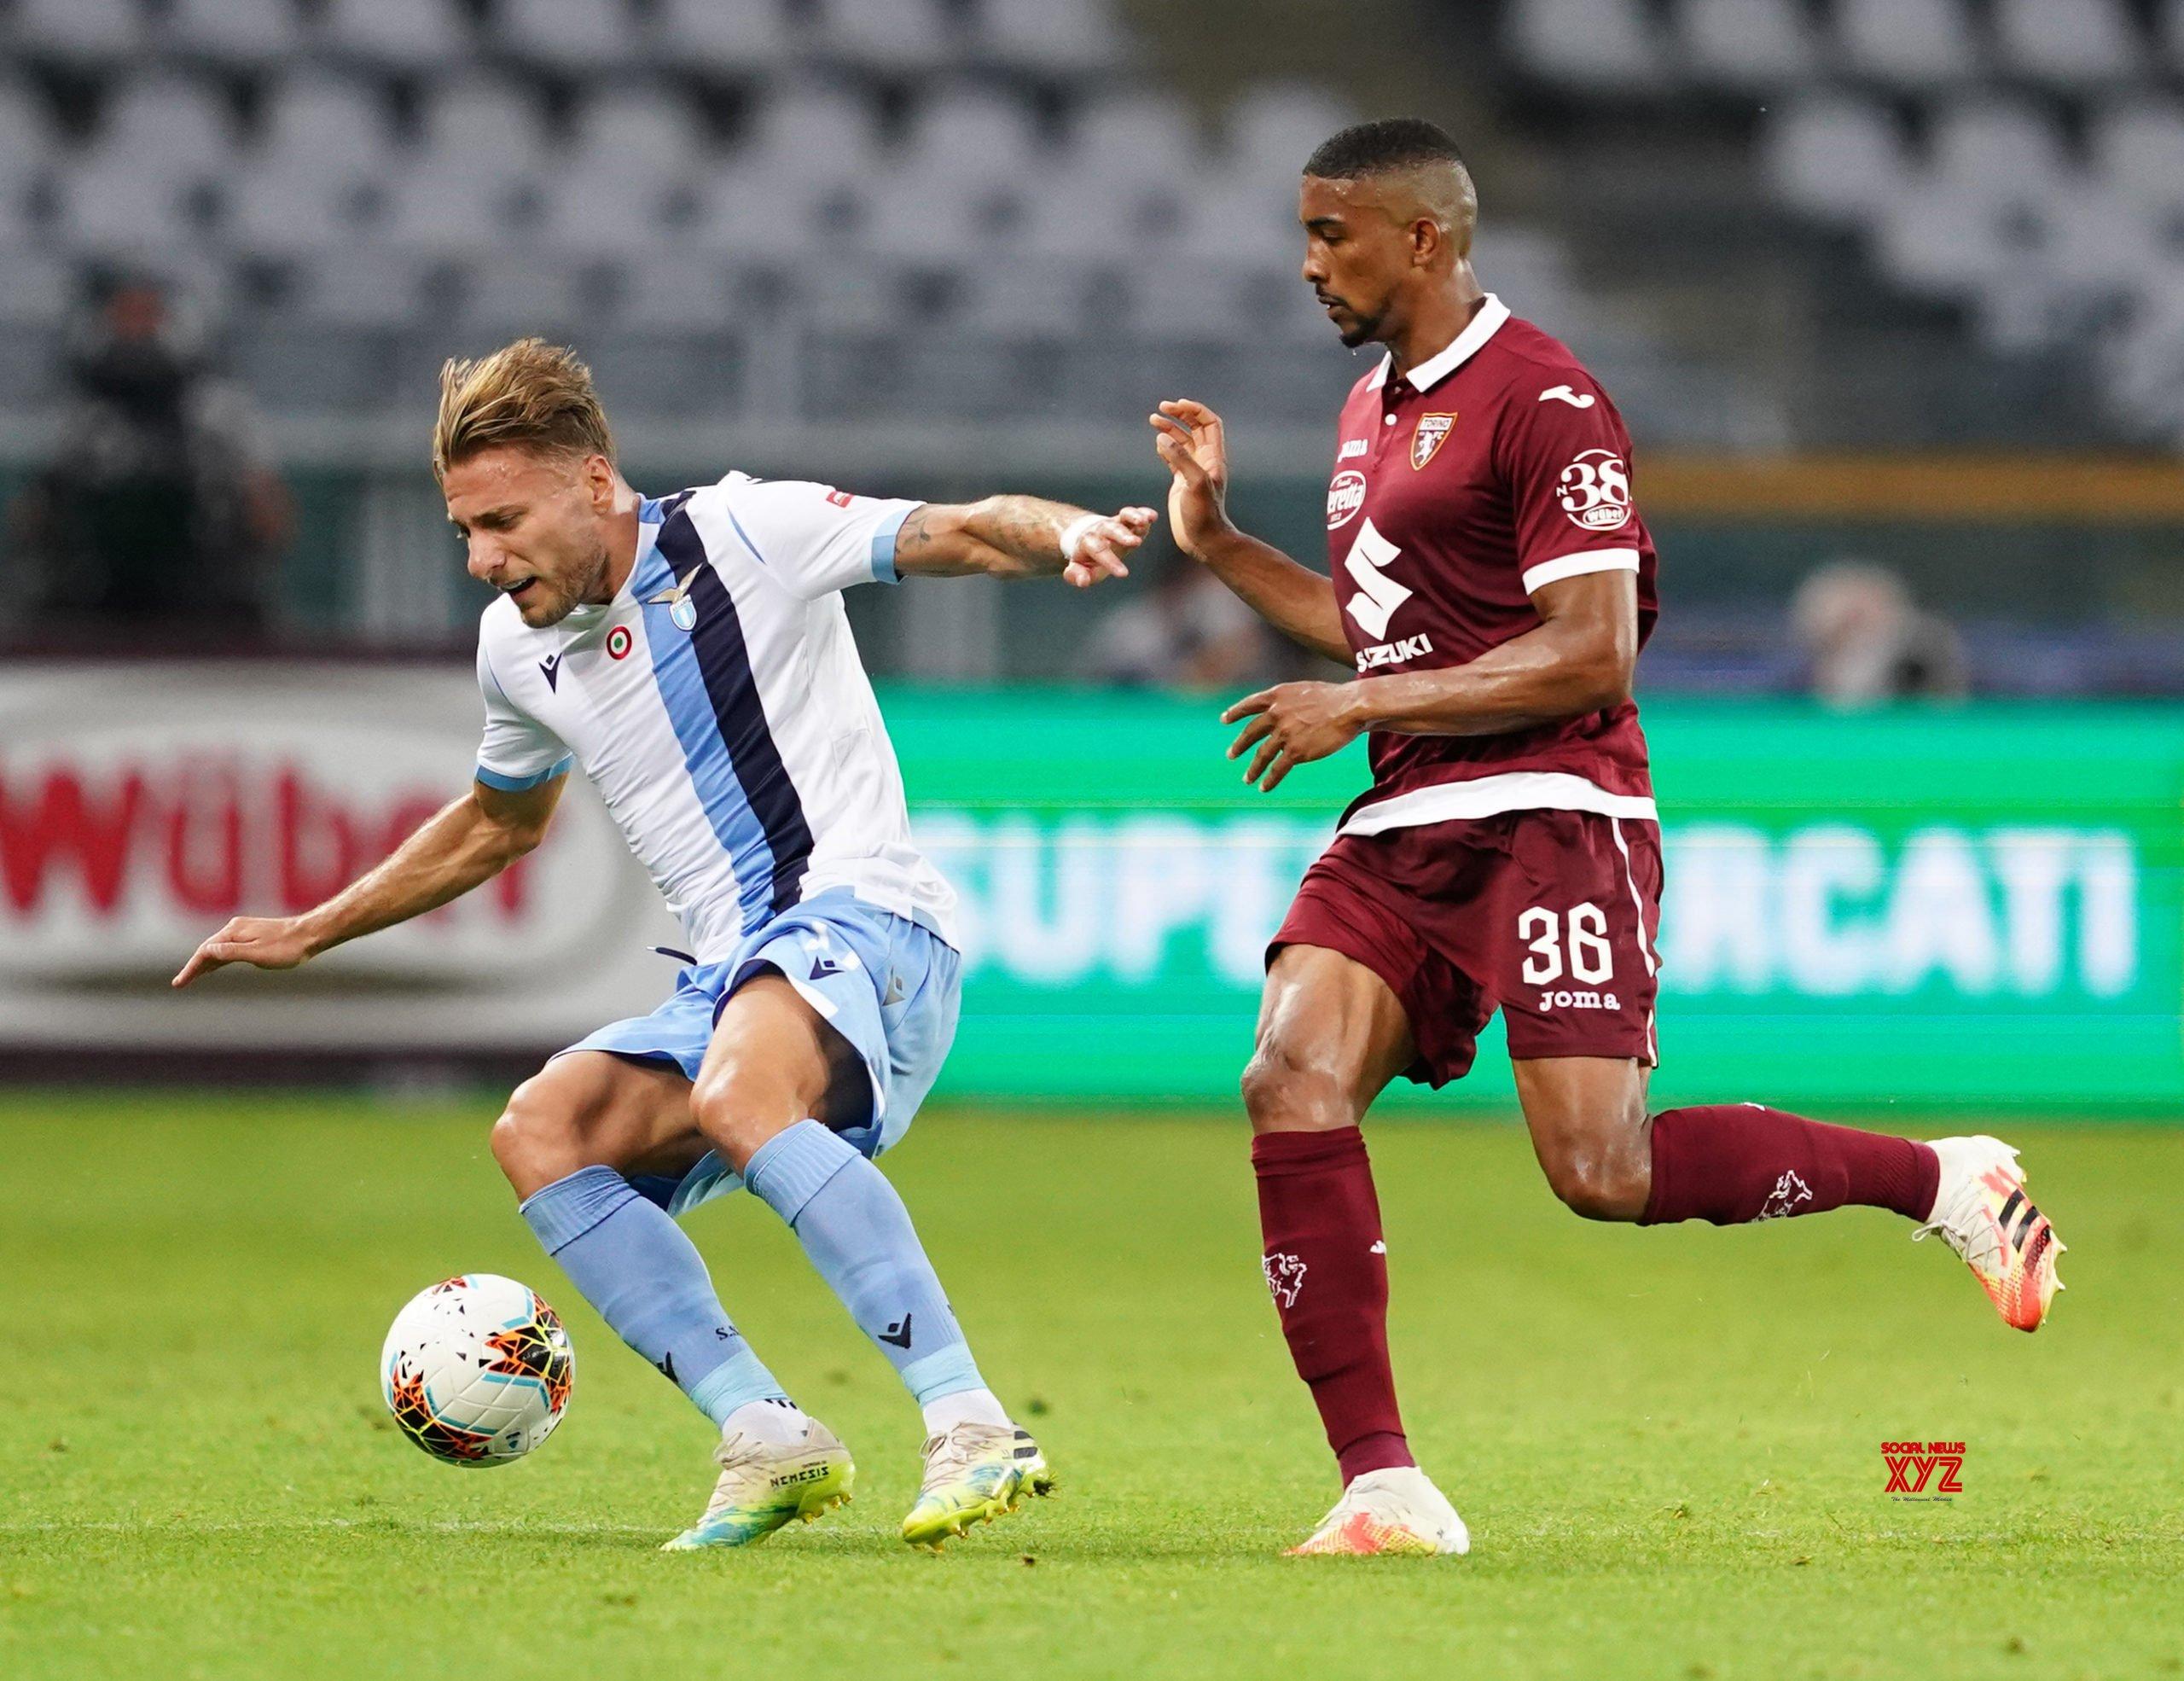 ITALY - TURIN - FOOTBALL - SERIE A - TORINO VS LAZIO #Gallery